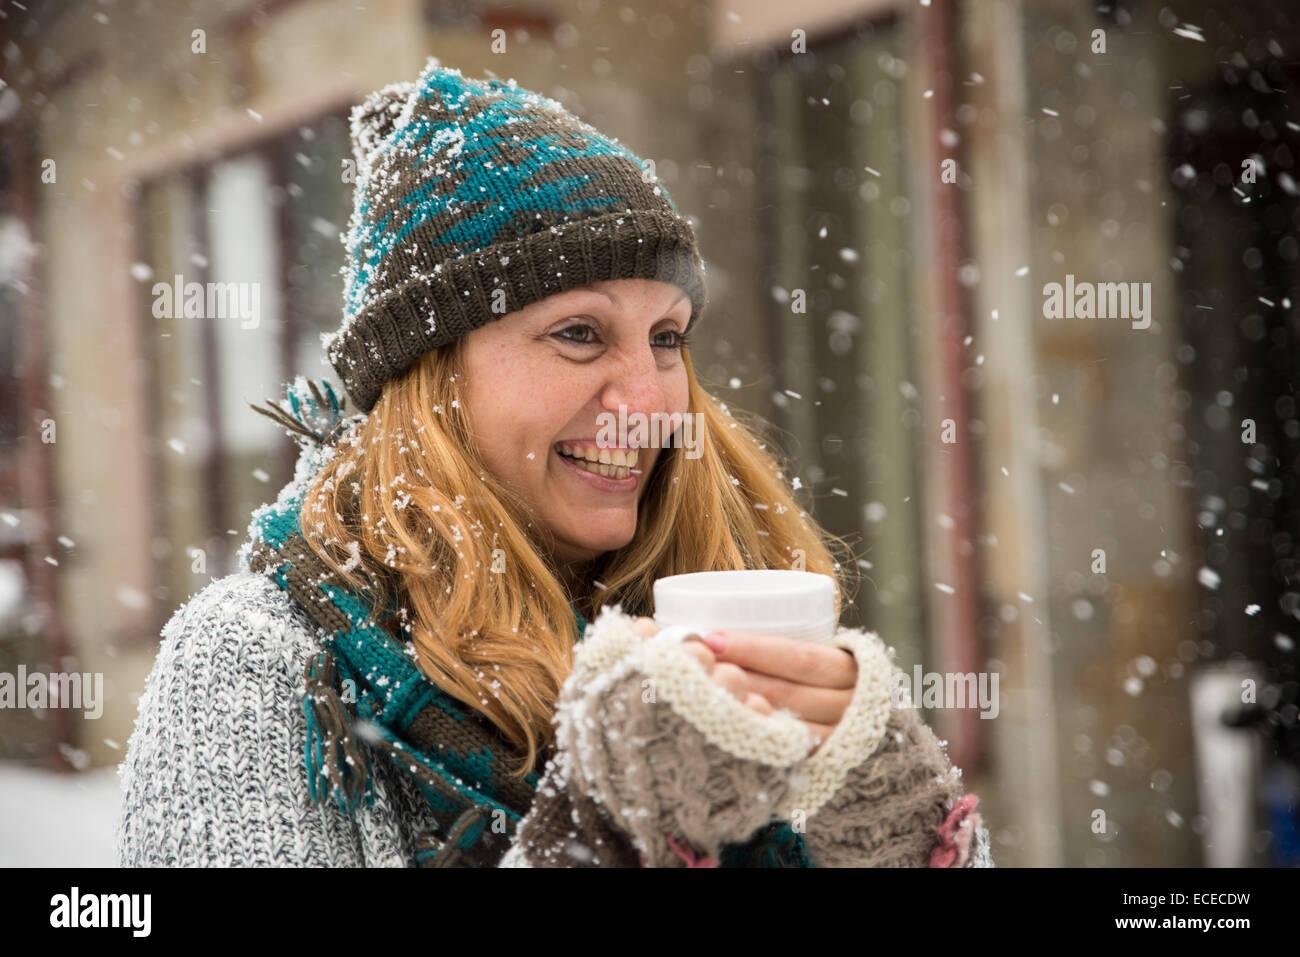 Mujer sosteniendo una taza de té y disfrutar de la nieve Imagen De Stock